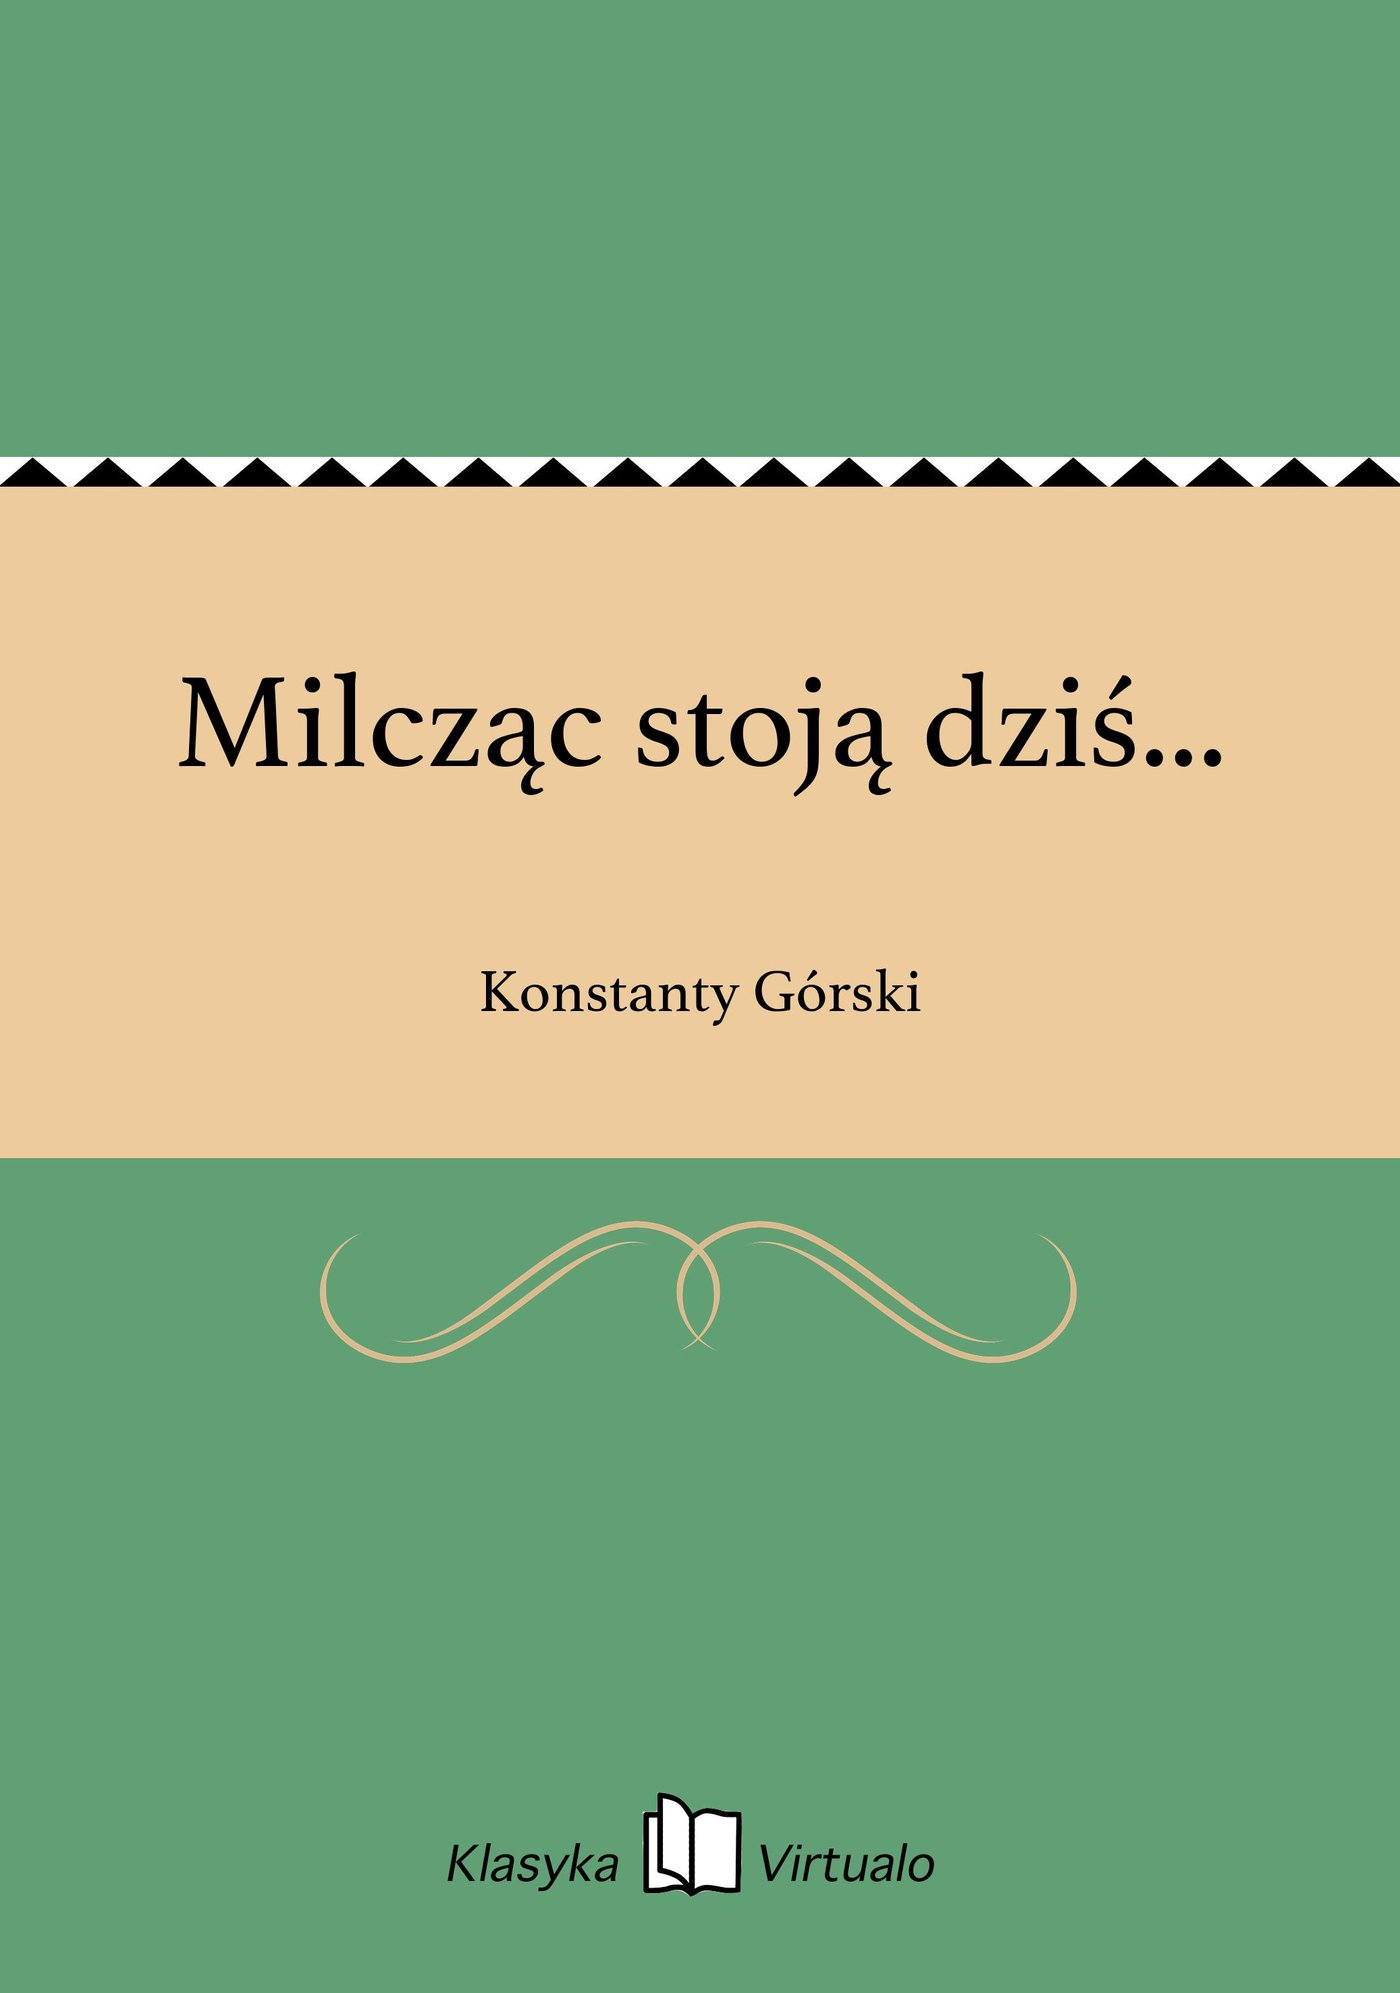 Milcząc stoją dziś... - Ebook (Książka na Kindle) do pobrania w formacie MOBI